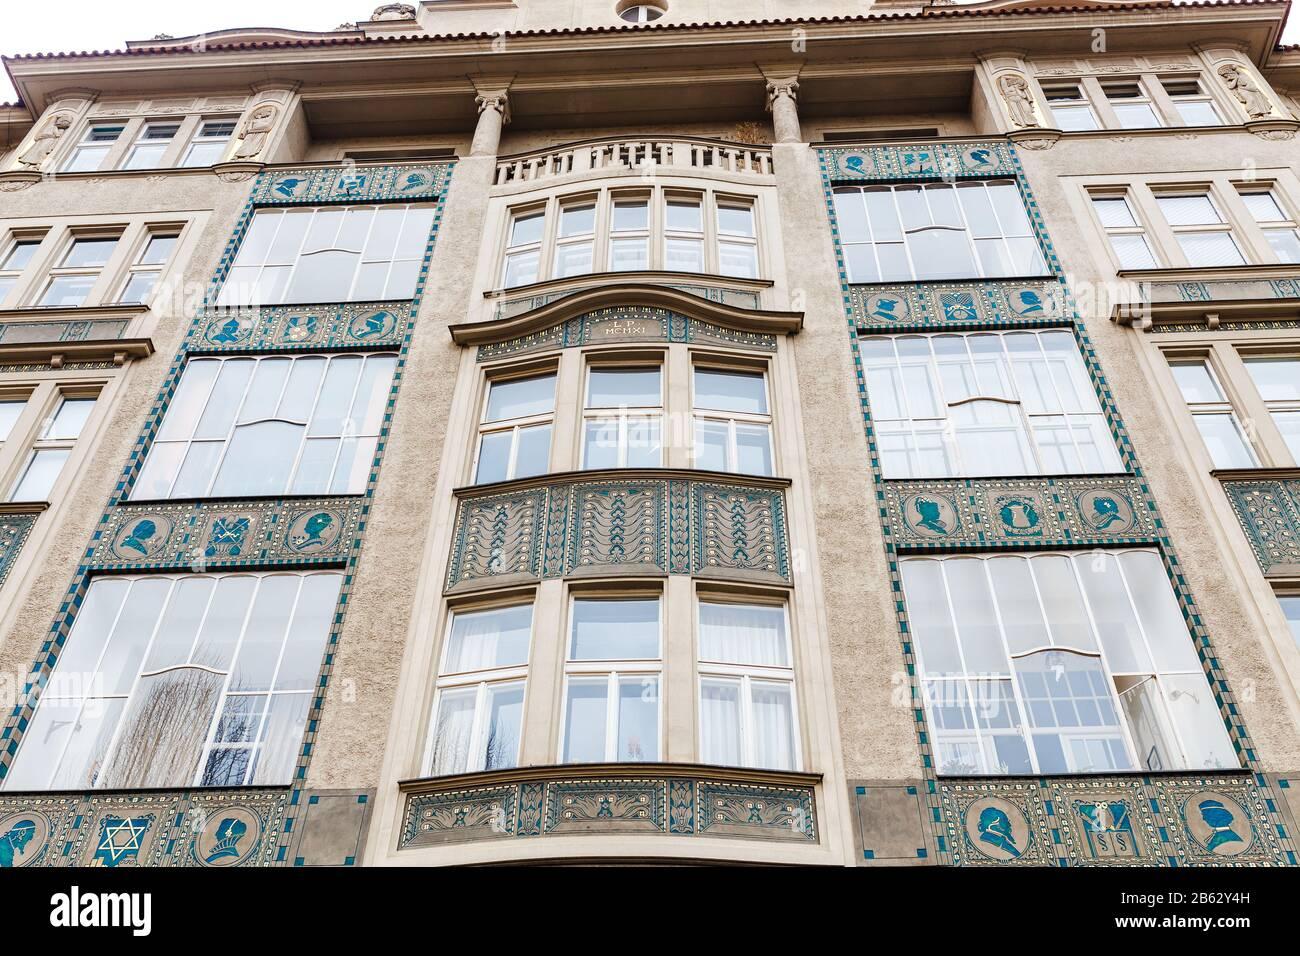 Praga, REPUBBLICA CECA - 18 MARZO 2017: Architettura degli edifici nel quartiere ebraico Foto Stock